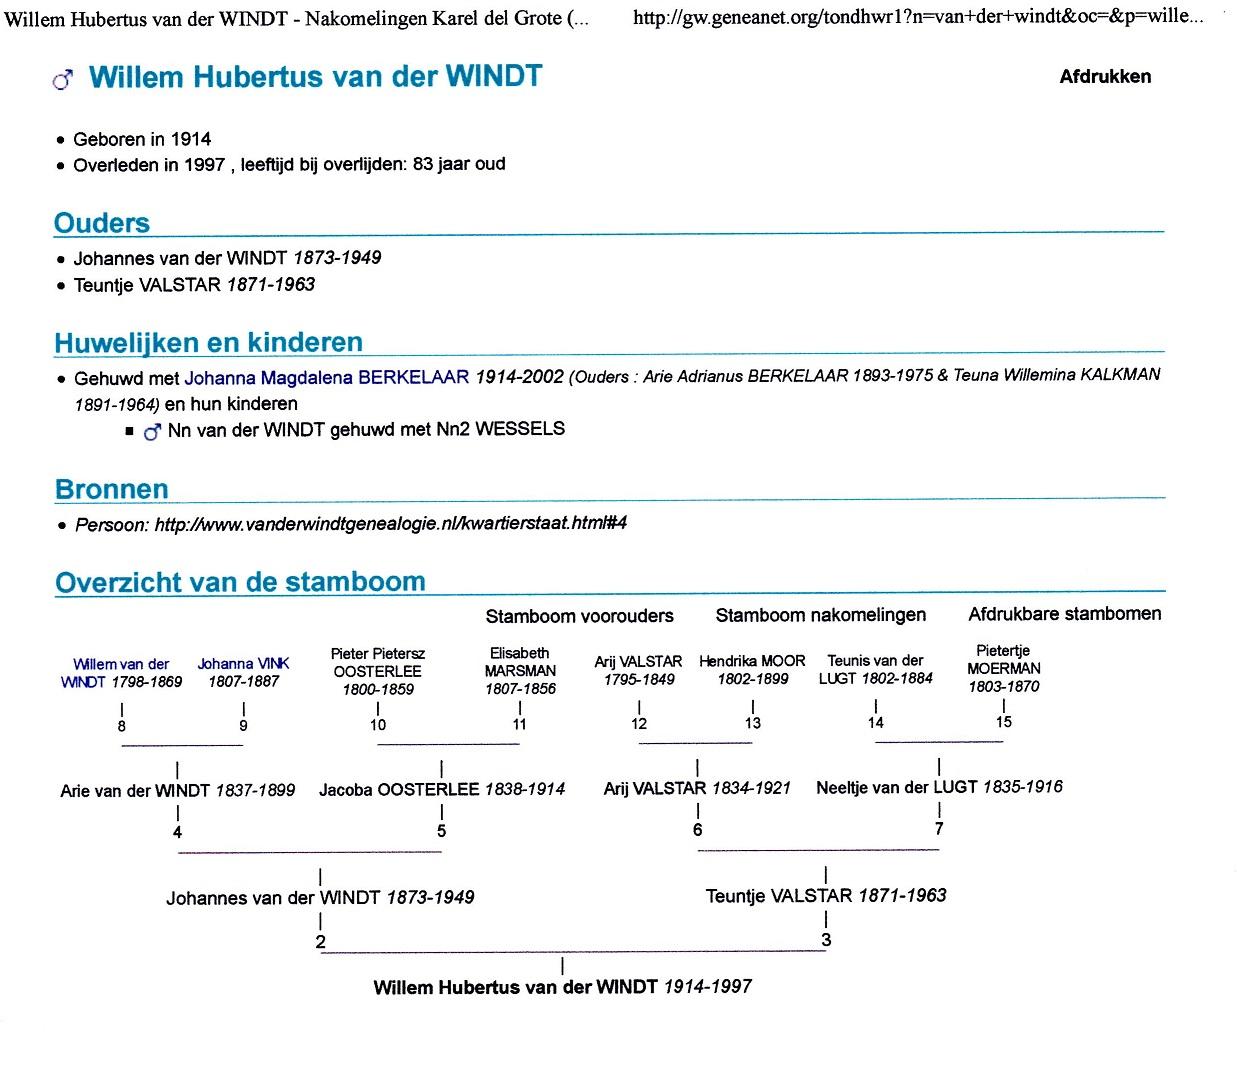 1914-09-20 Willem Hubertus (Wim) van der Windt (Overzicht van de Stamboom)